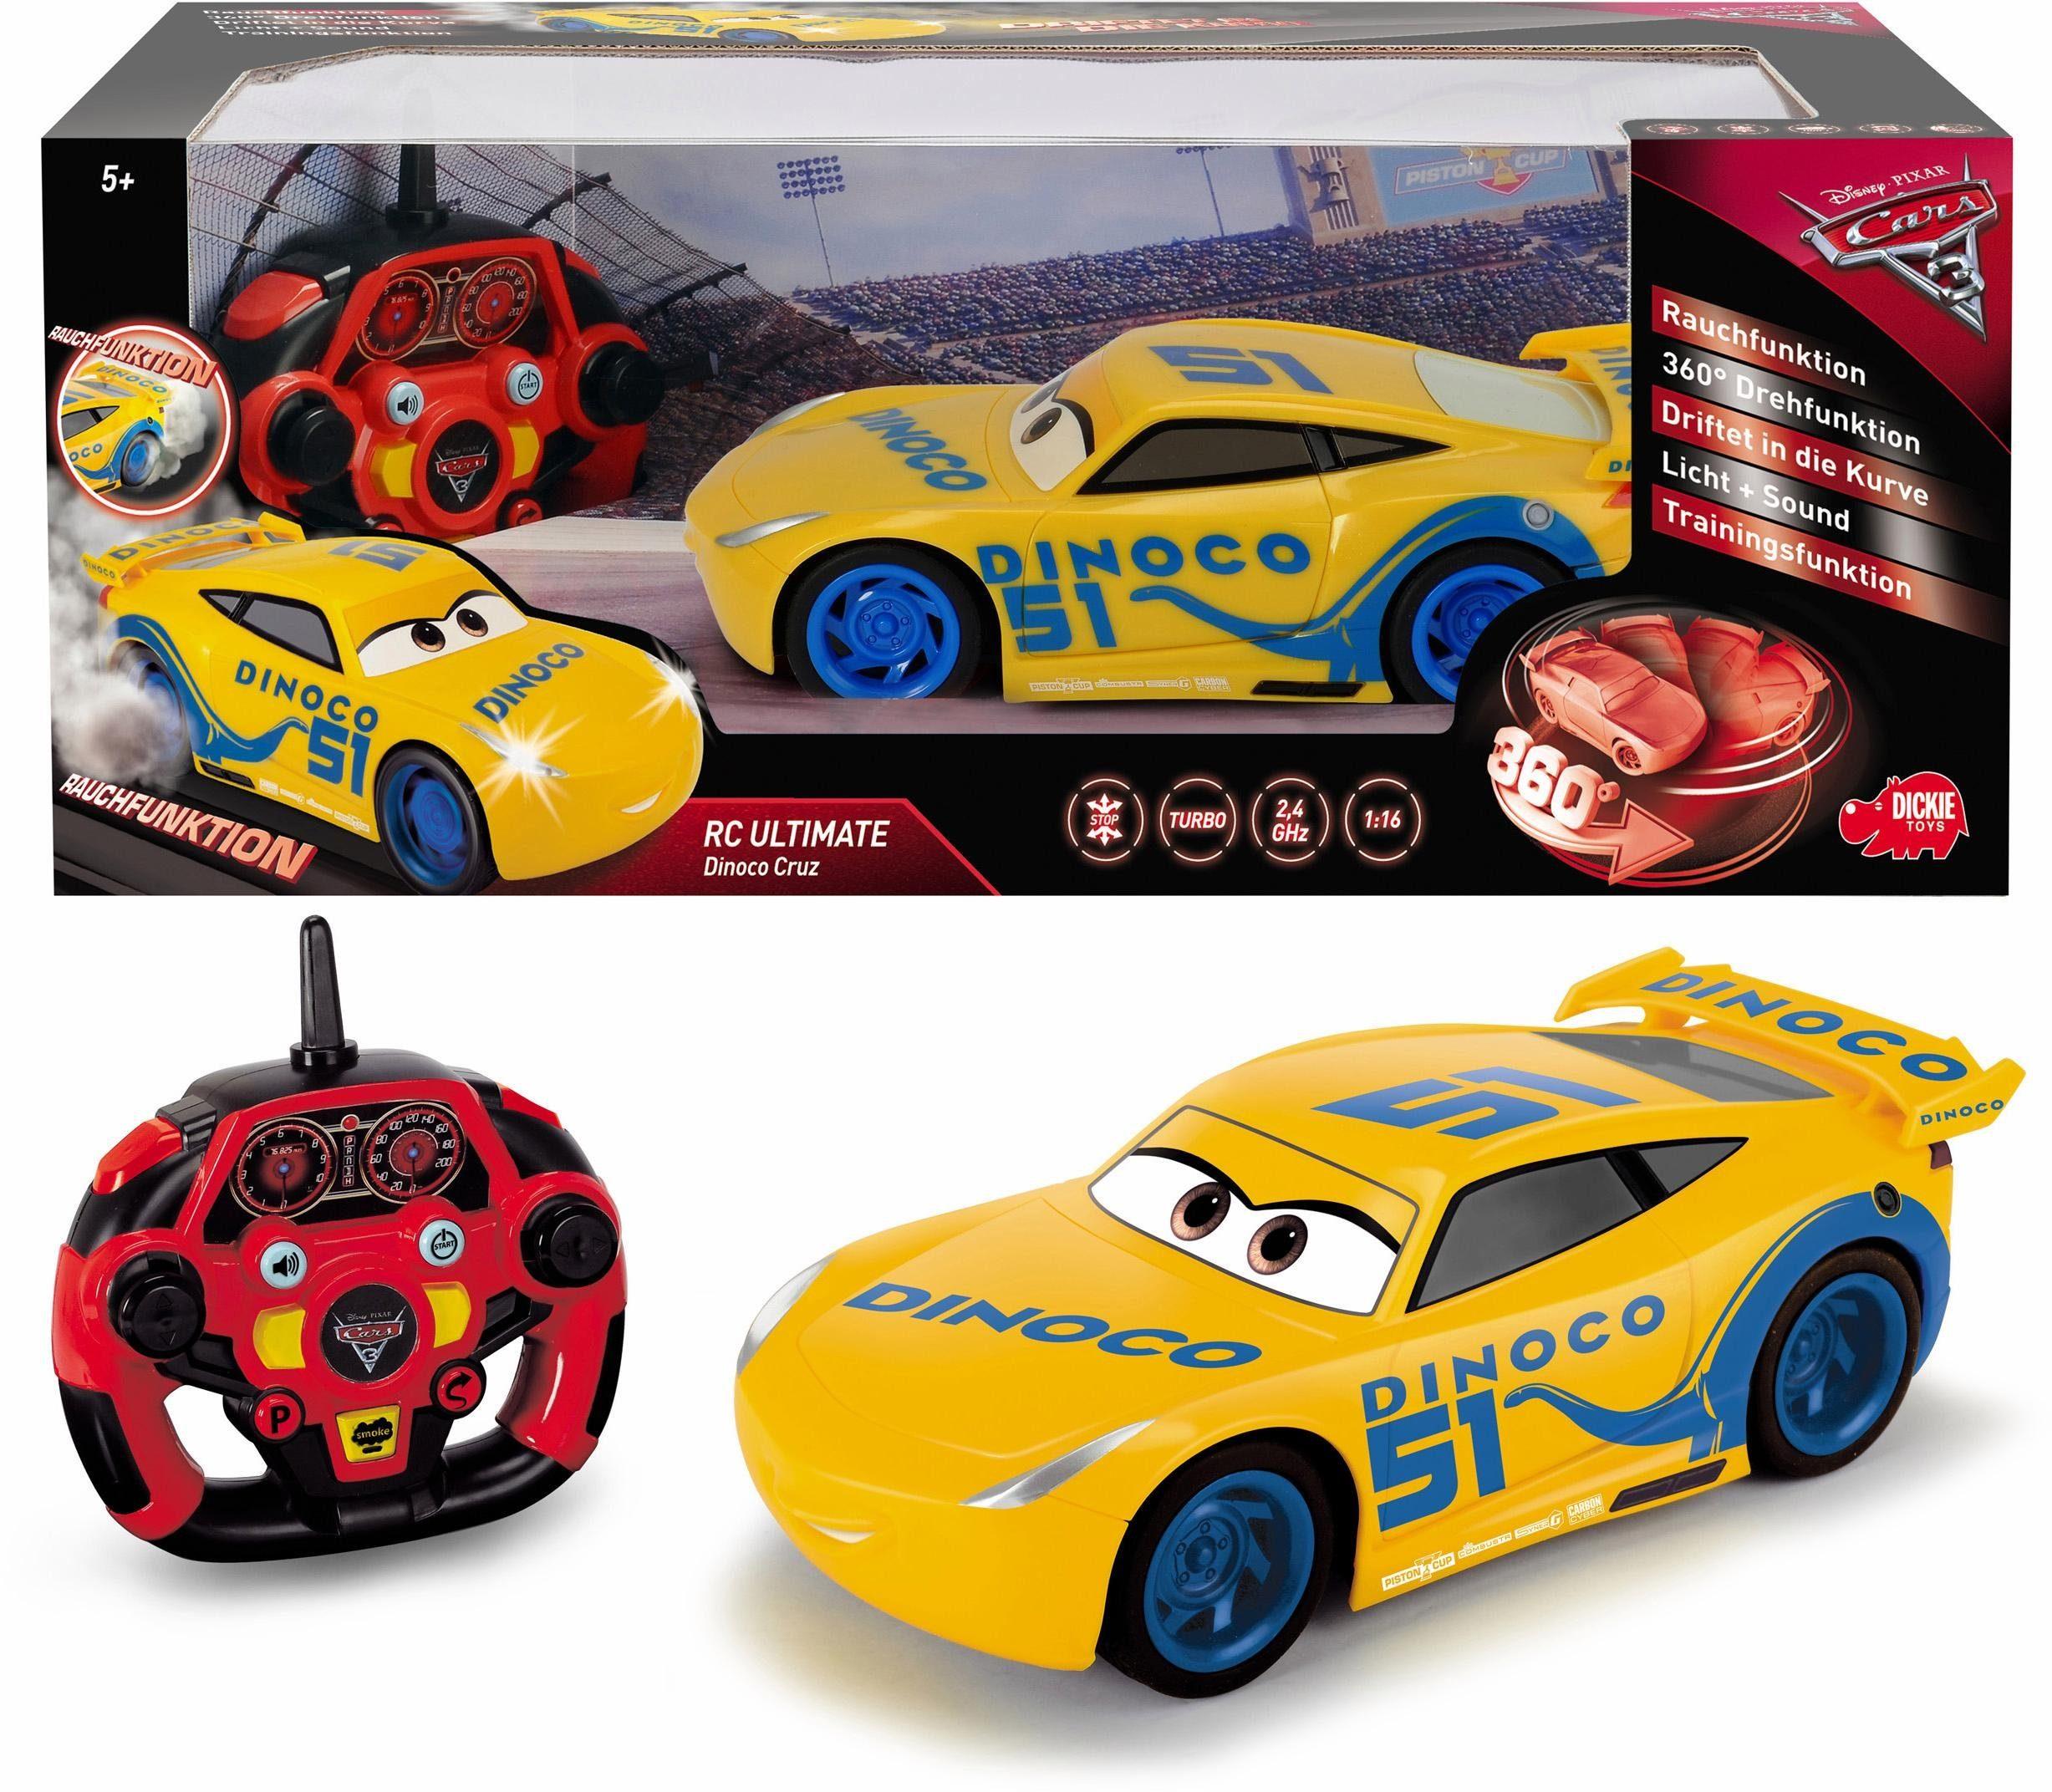 Dickie Toys RC Fahrzeug mit Rauchfunktion, »Disney Pixar Cars 3, Ultimate Cruz Ramirez, 2,4 GHz«